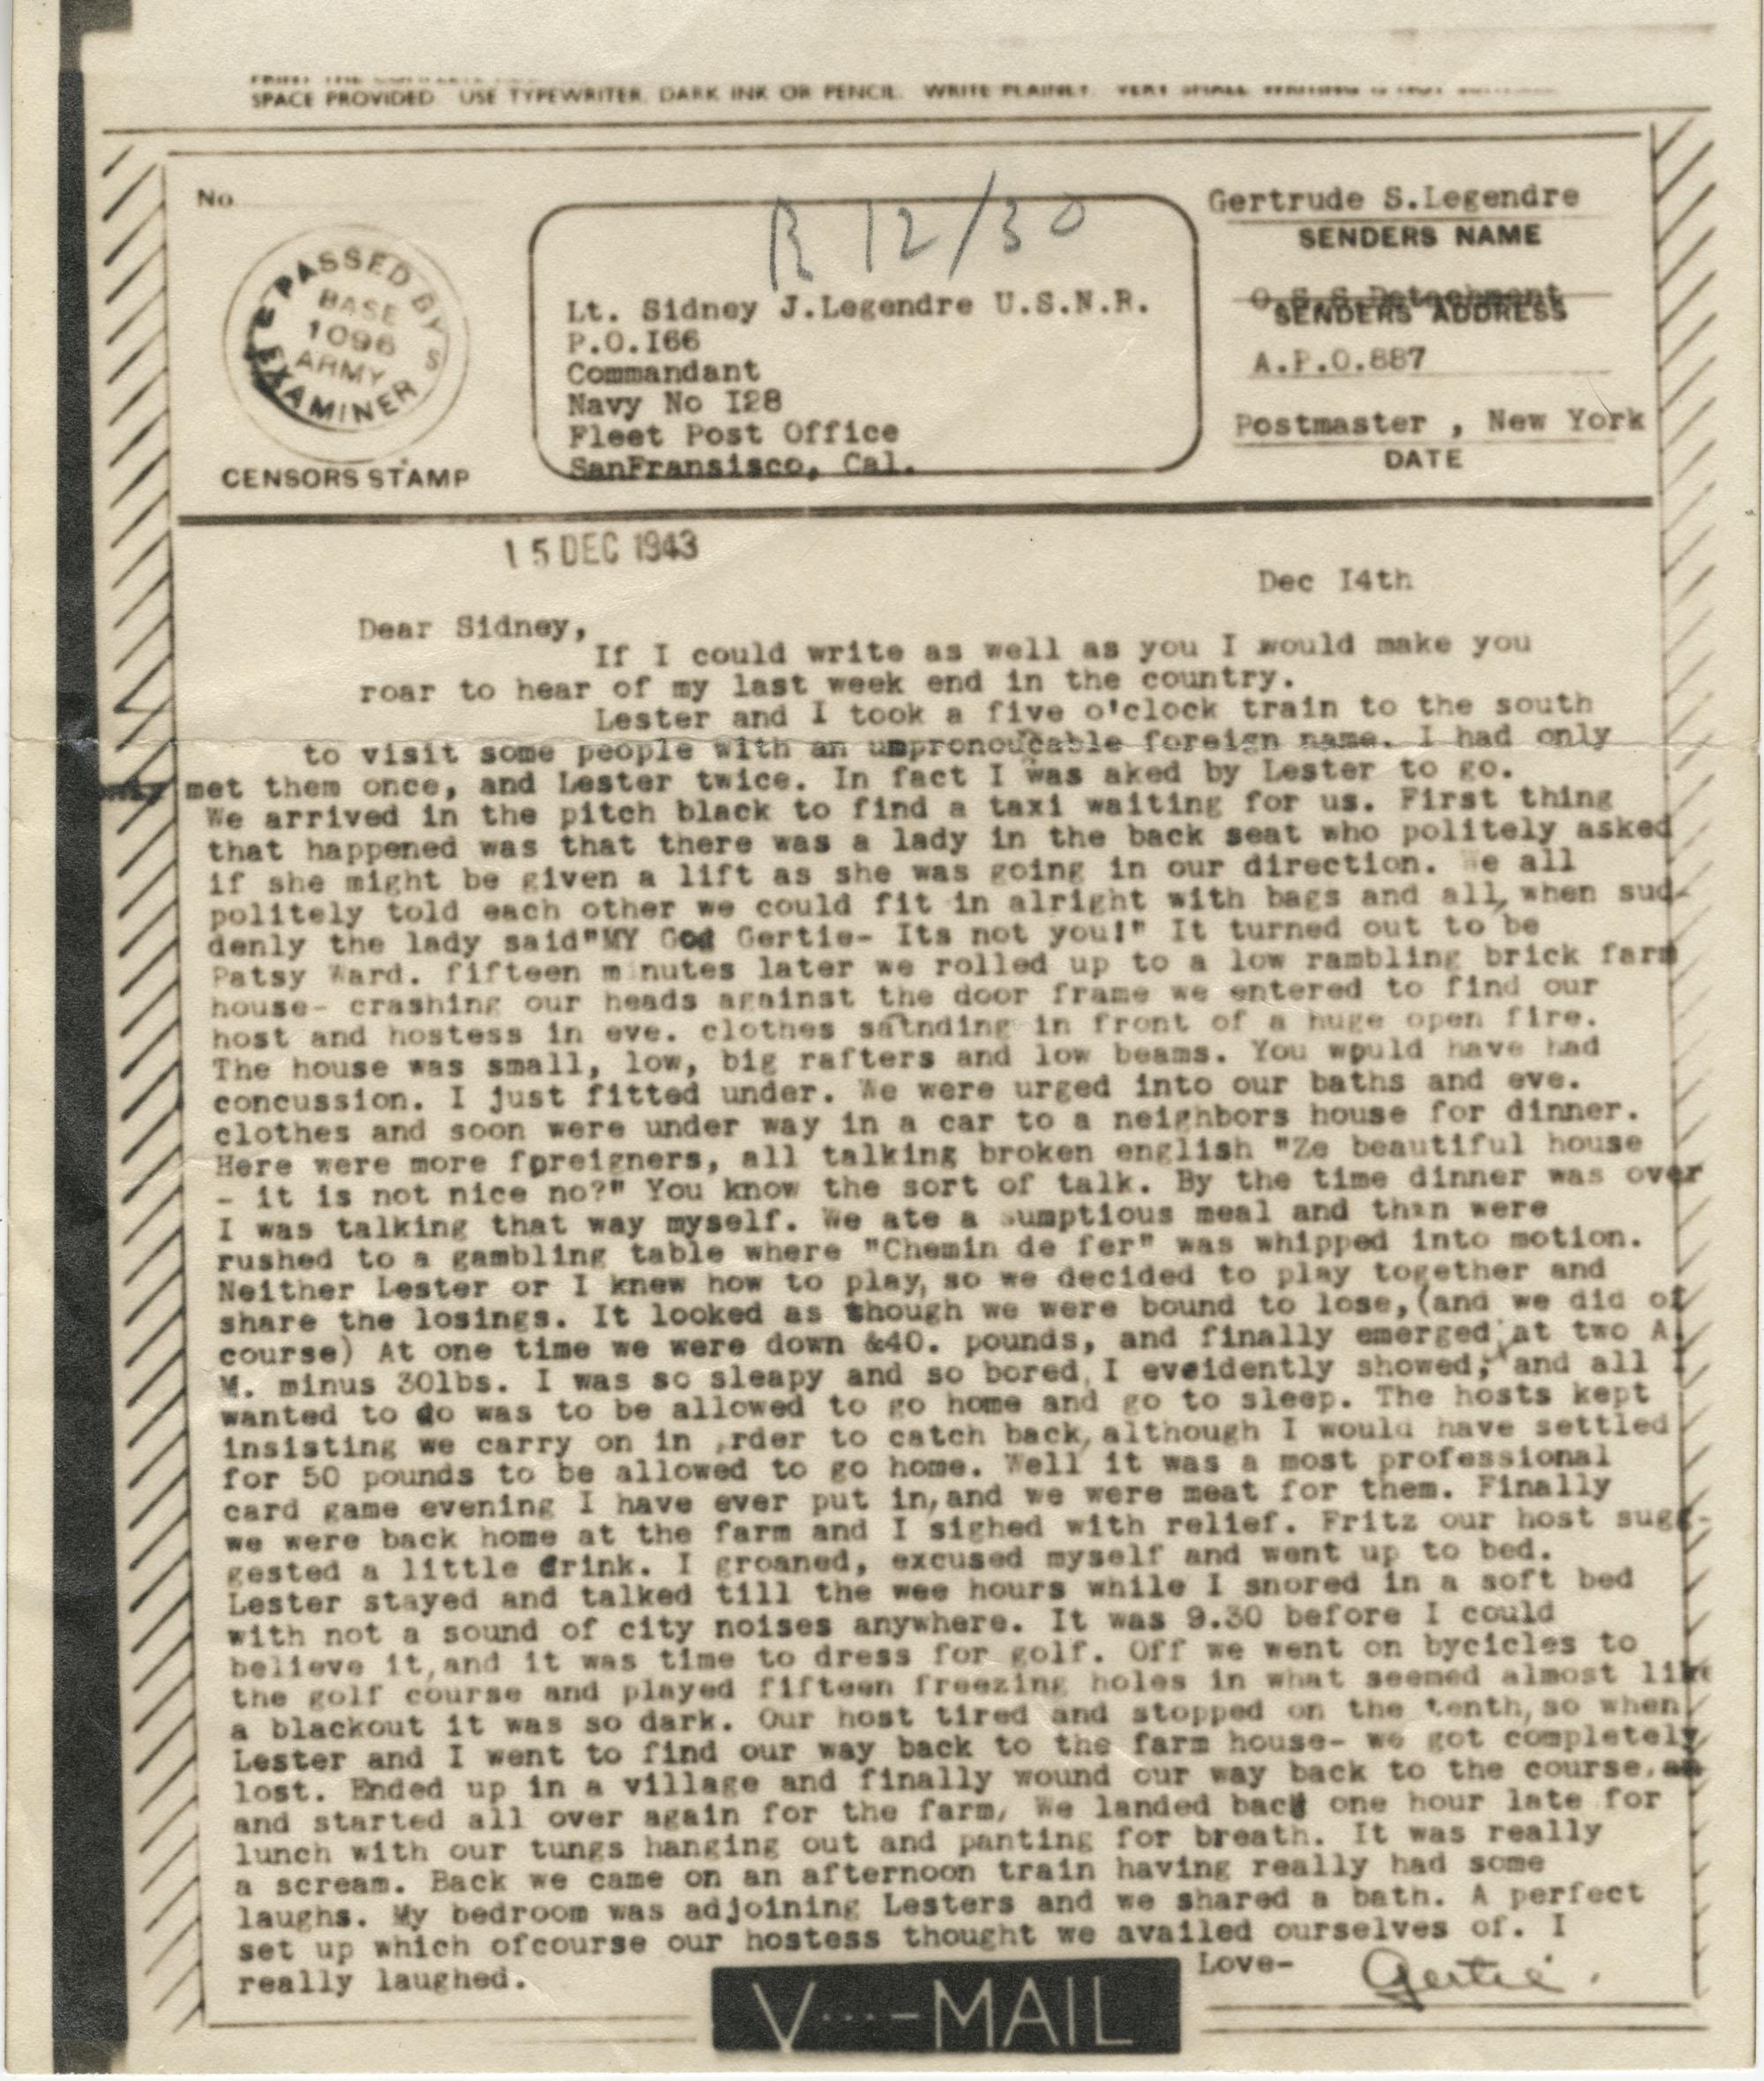 Letter from Gertrude Sanford Legendre, December 14, 1943